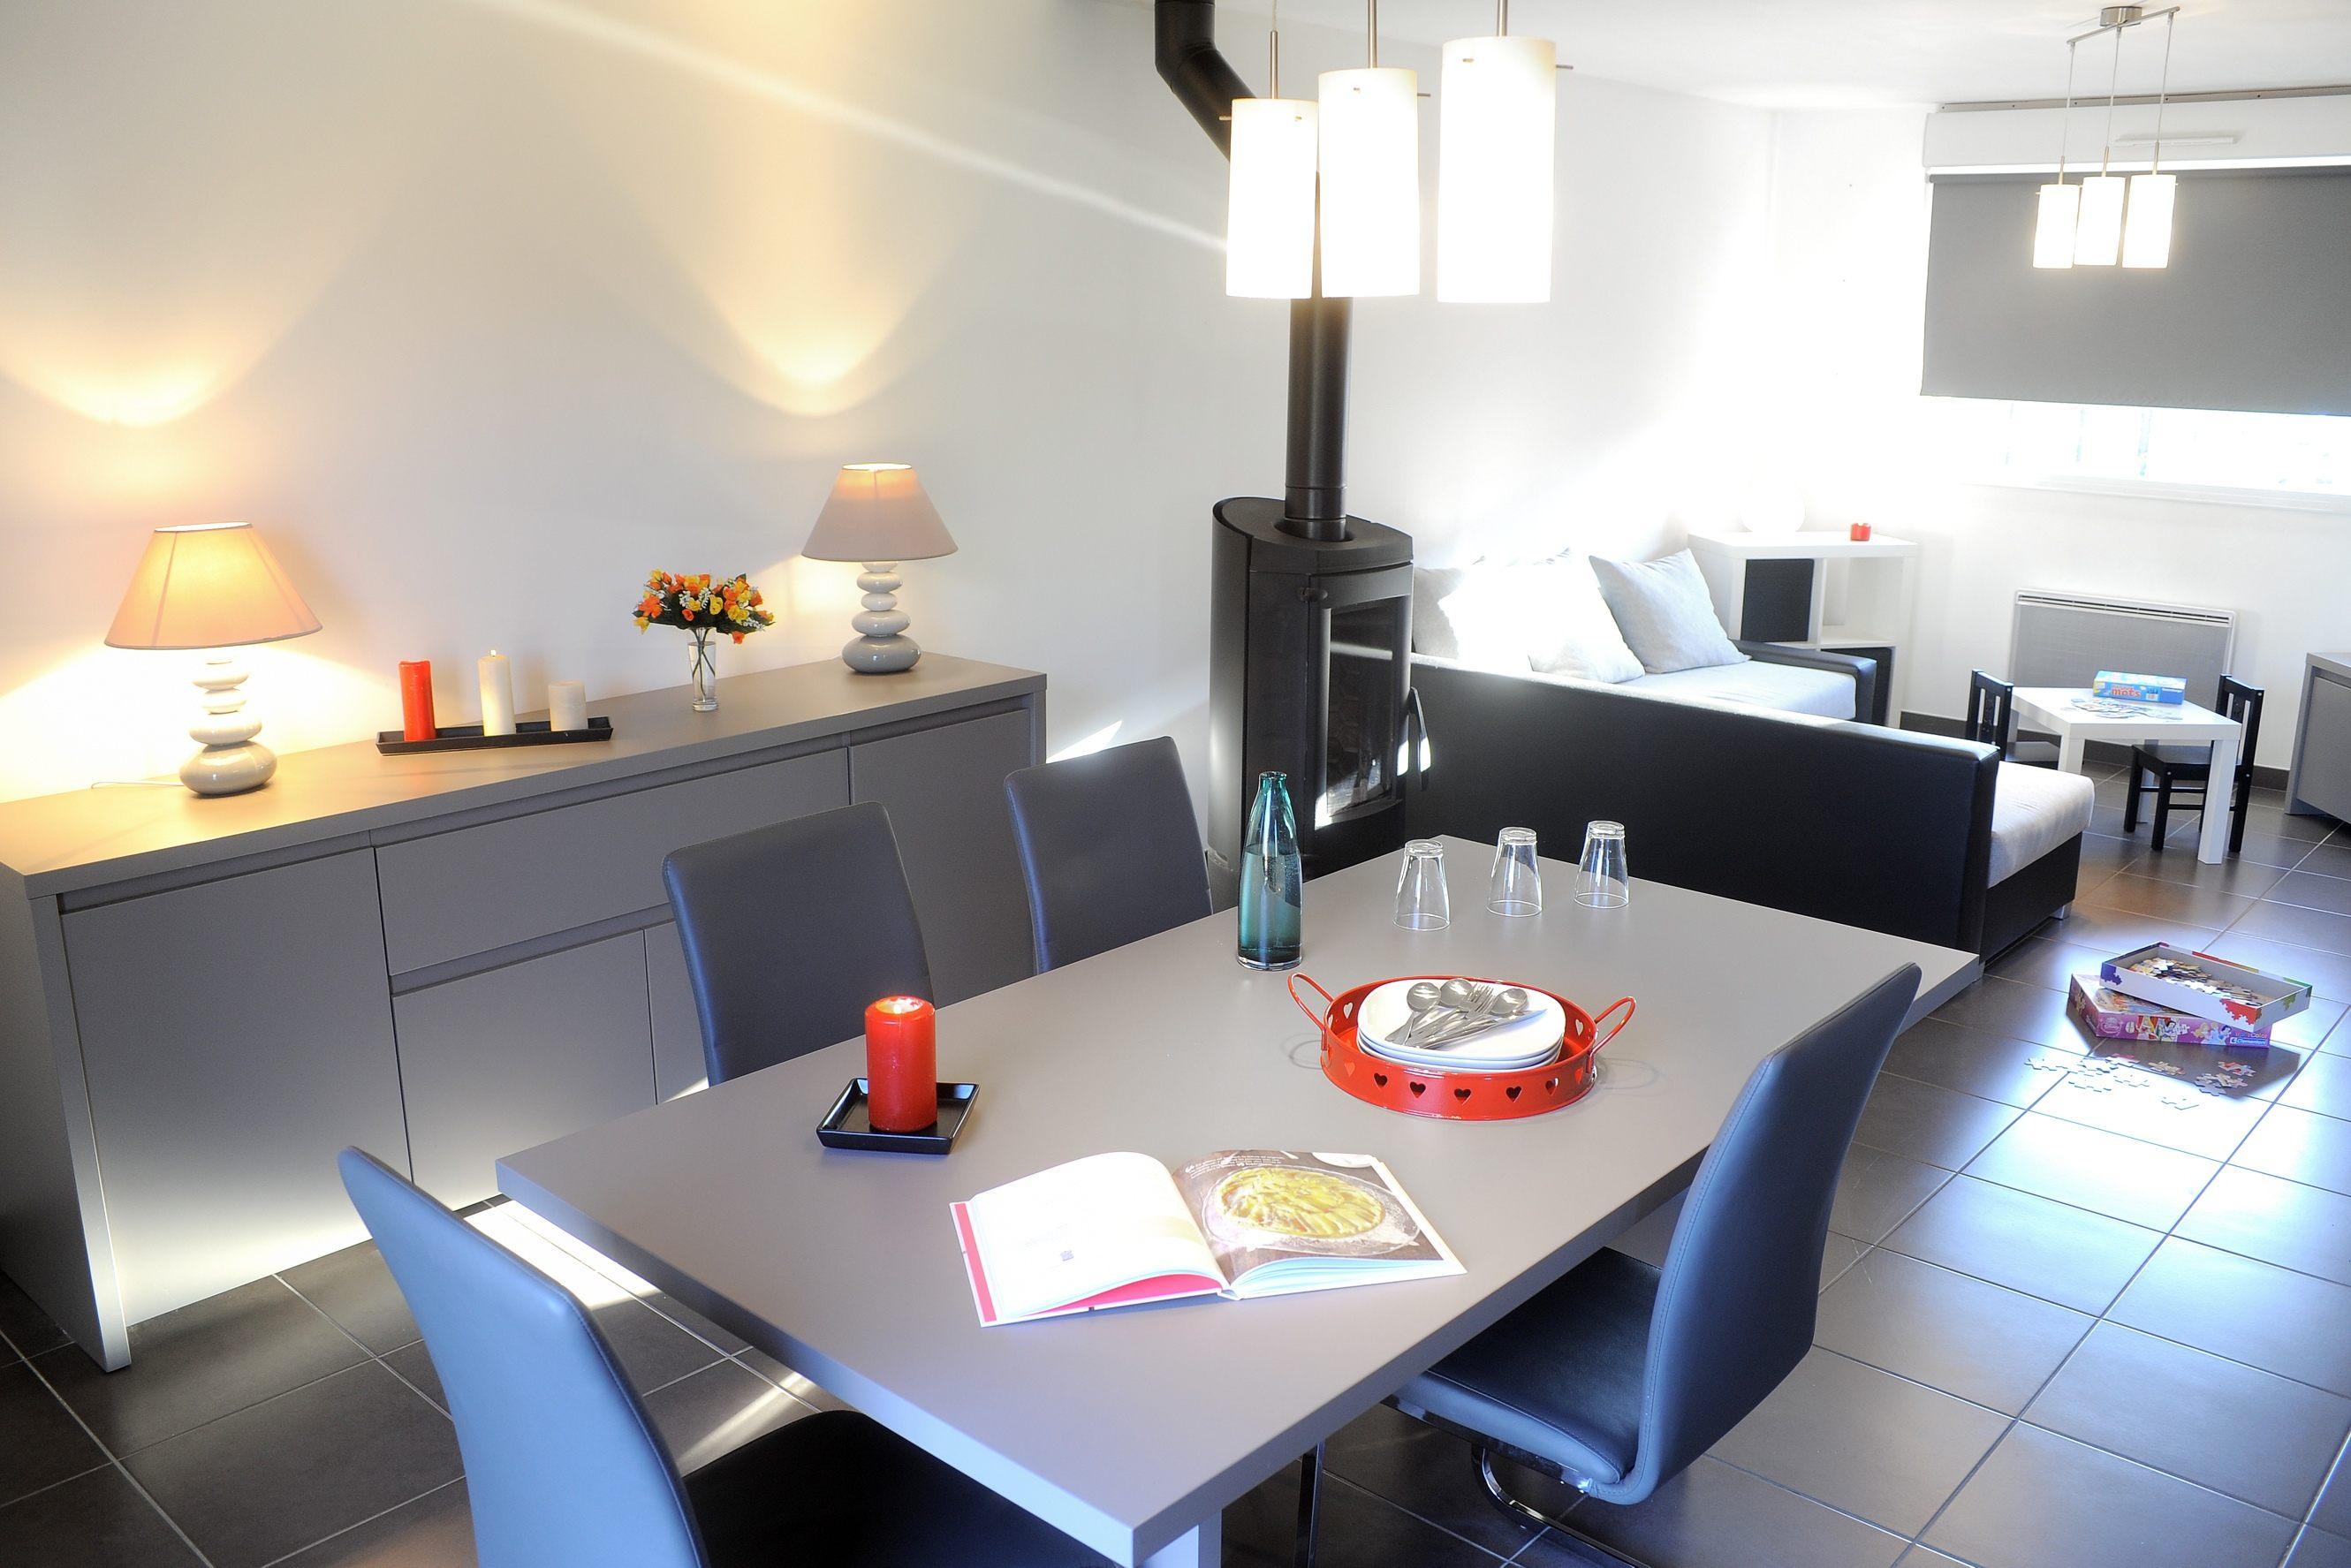 Maisons + Terrains du constructeur MAISON FAMILIALE HERBLAY • 100 m² • IVRY LA BATAILLE